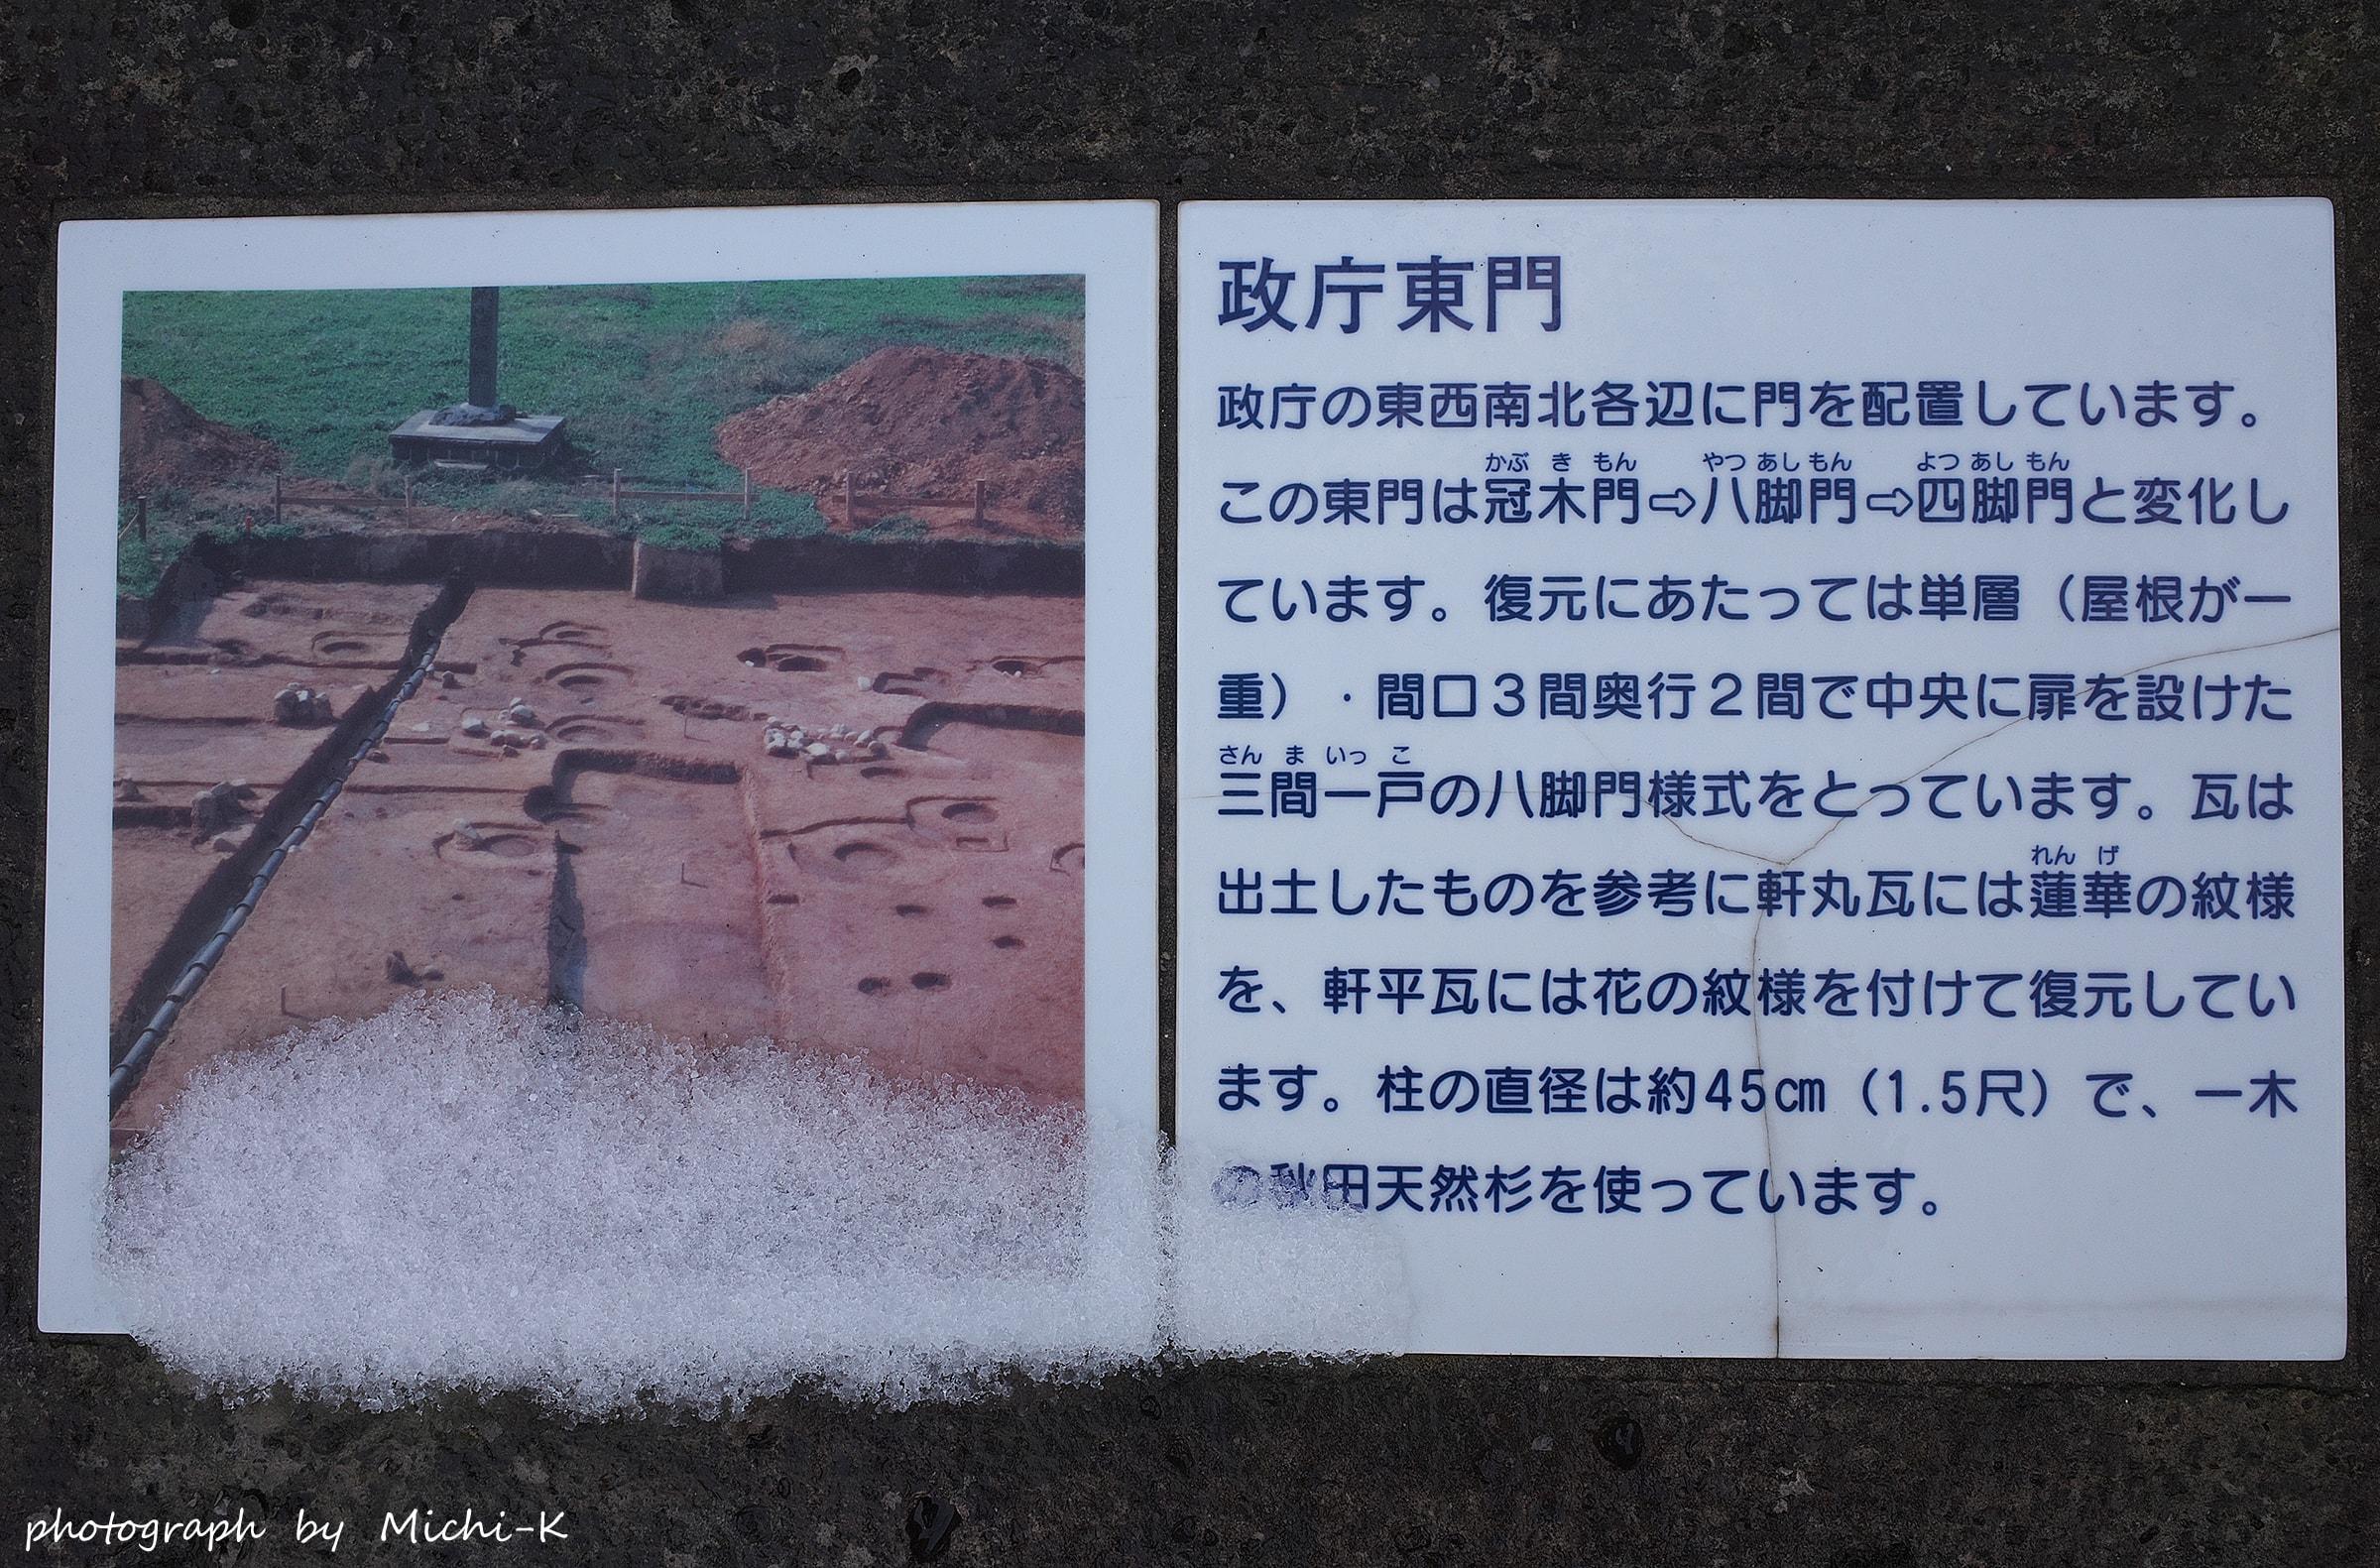 酒田市・城輪の柵跡4